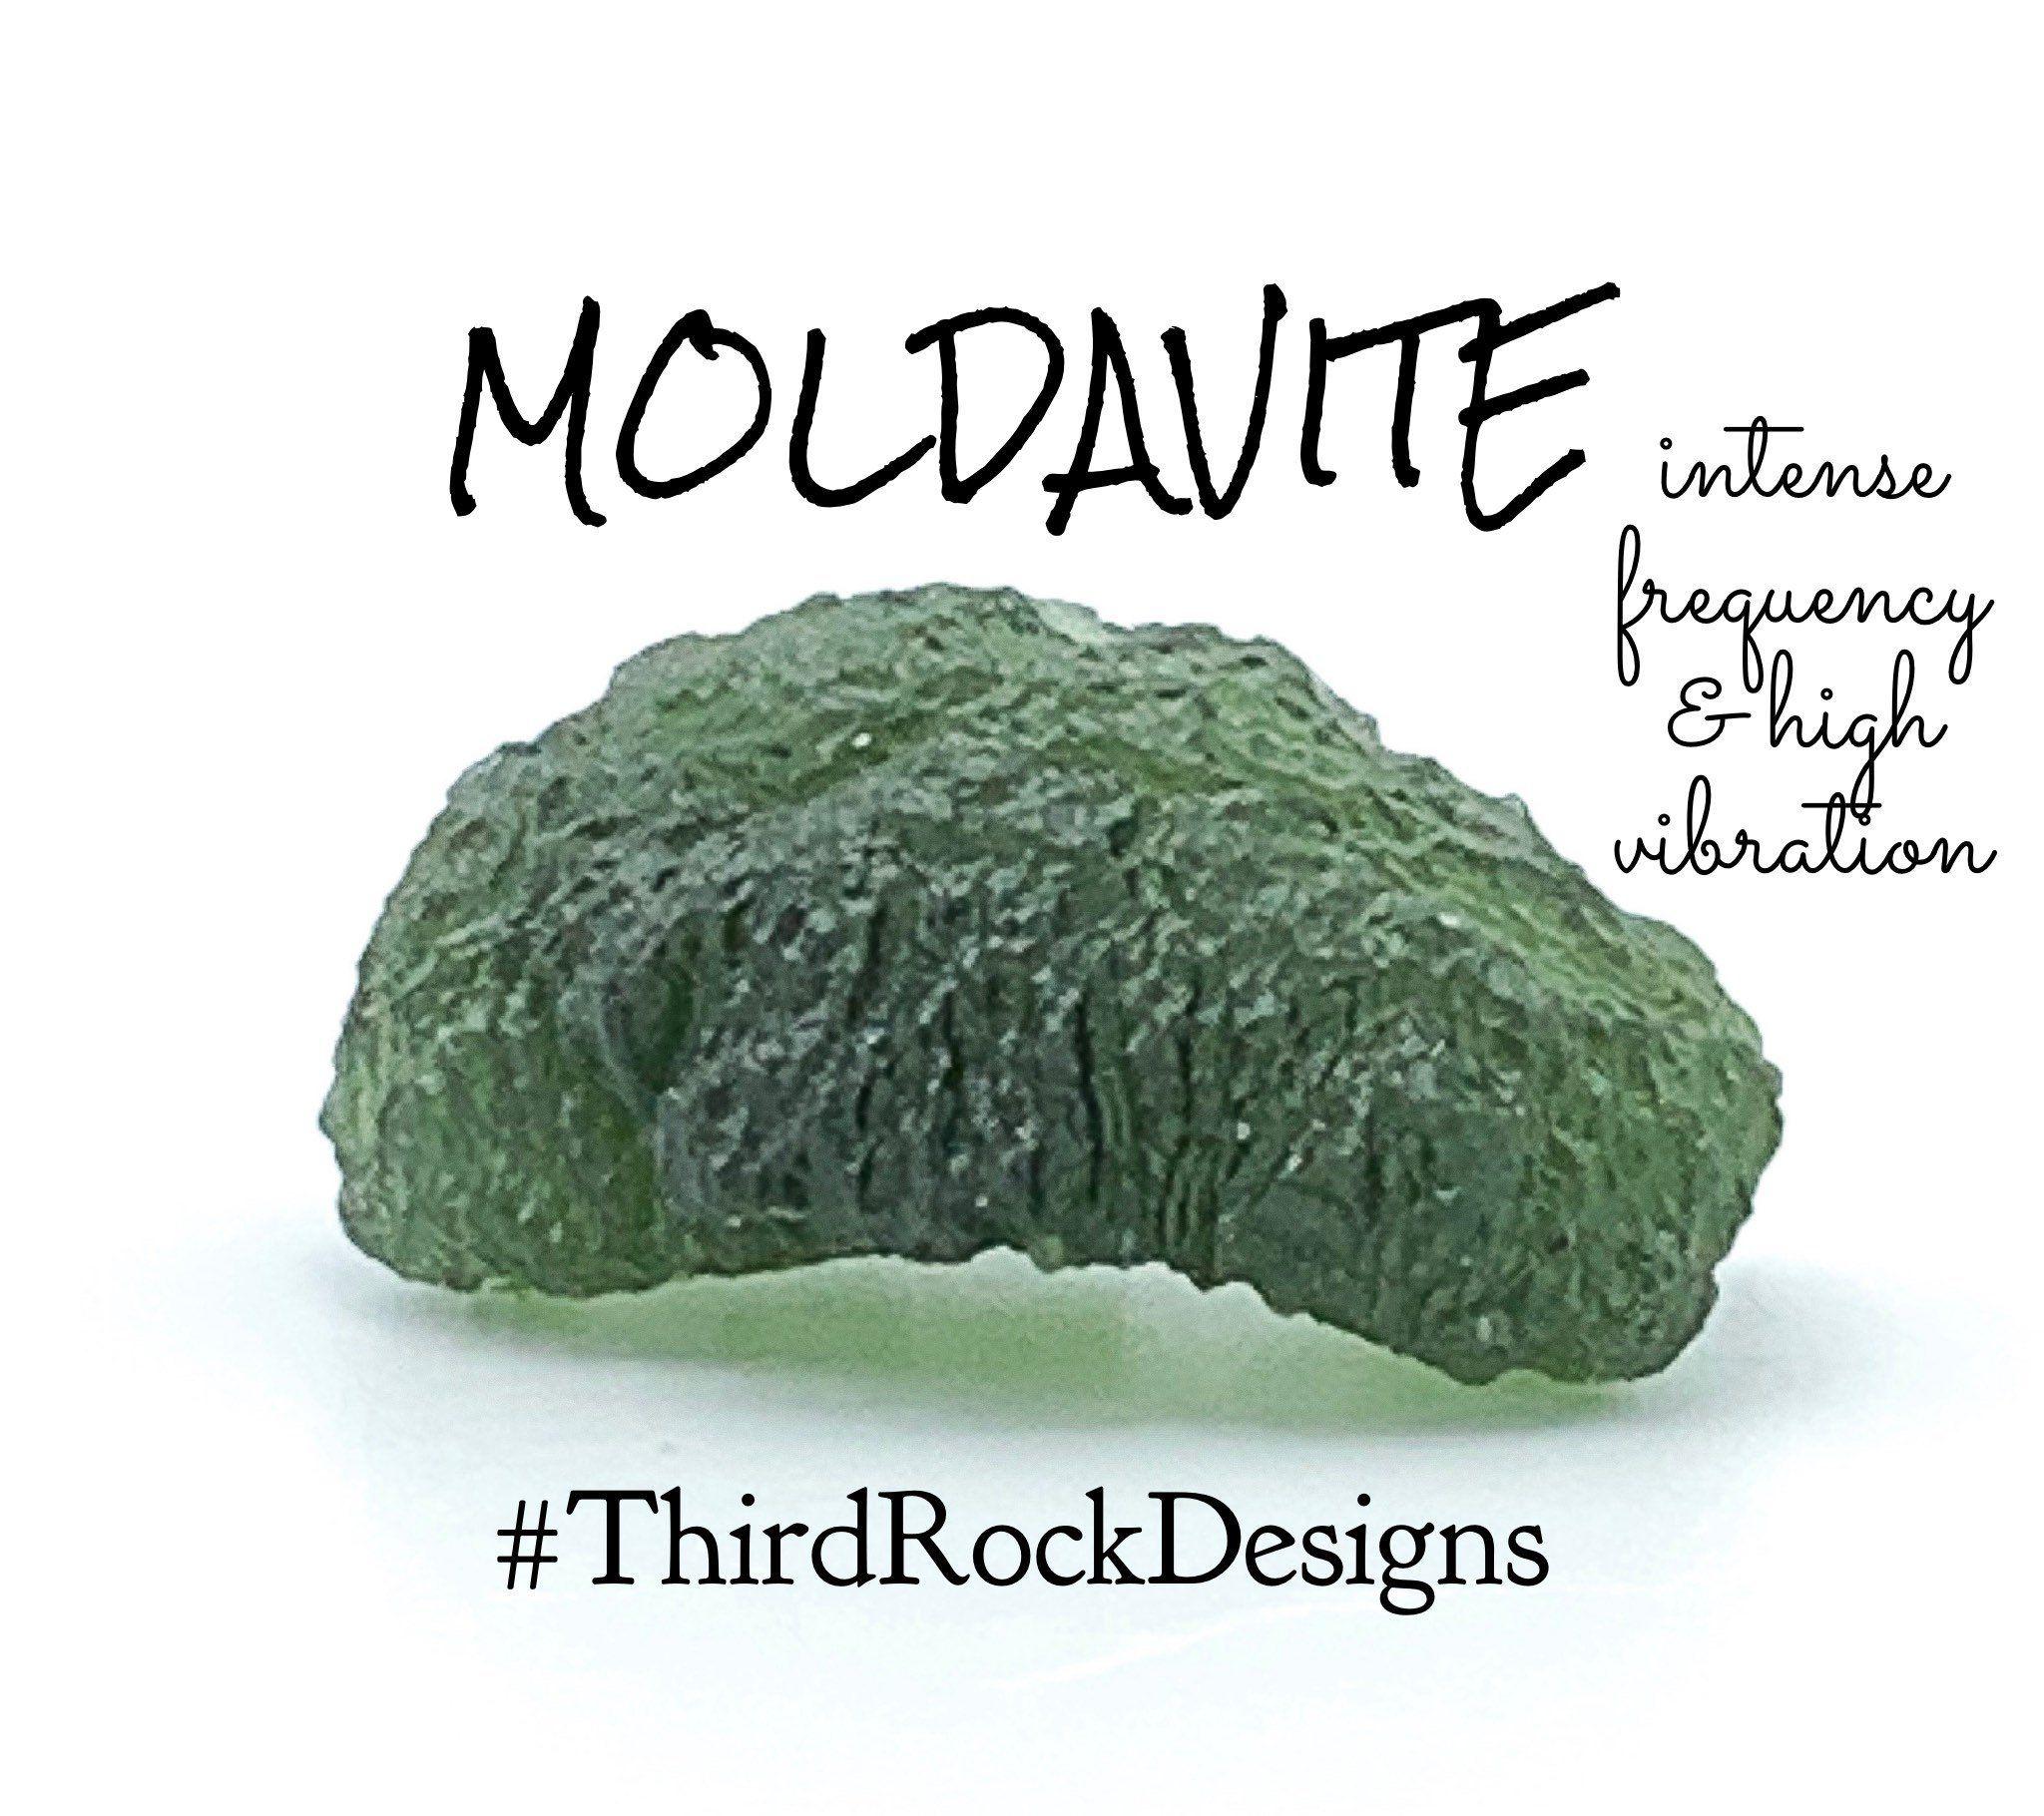 AAA Moldavite, Healing Crystals and Stones, Tektite